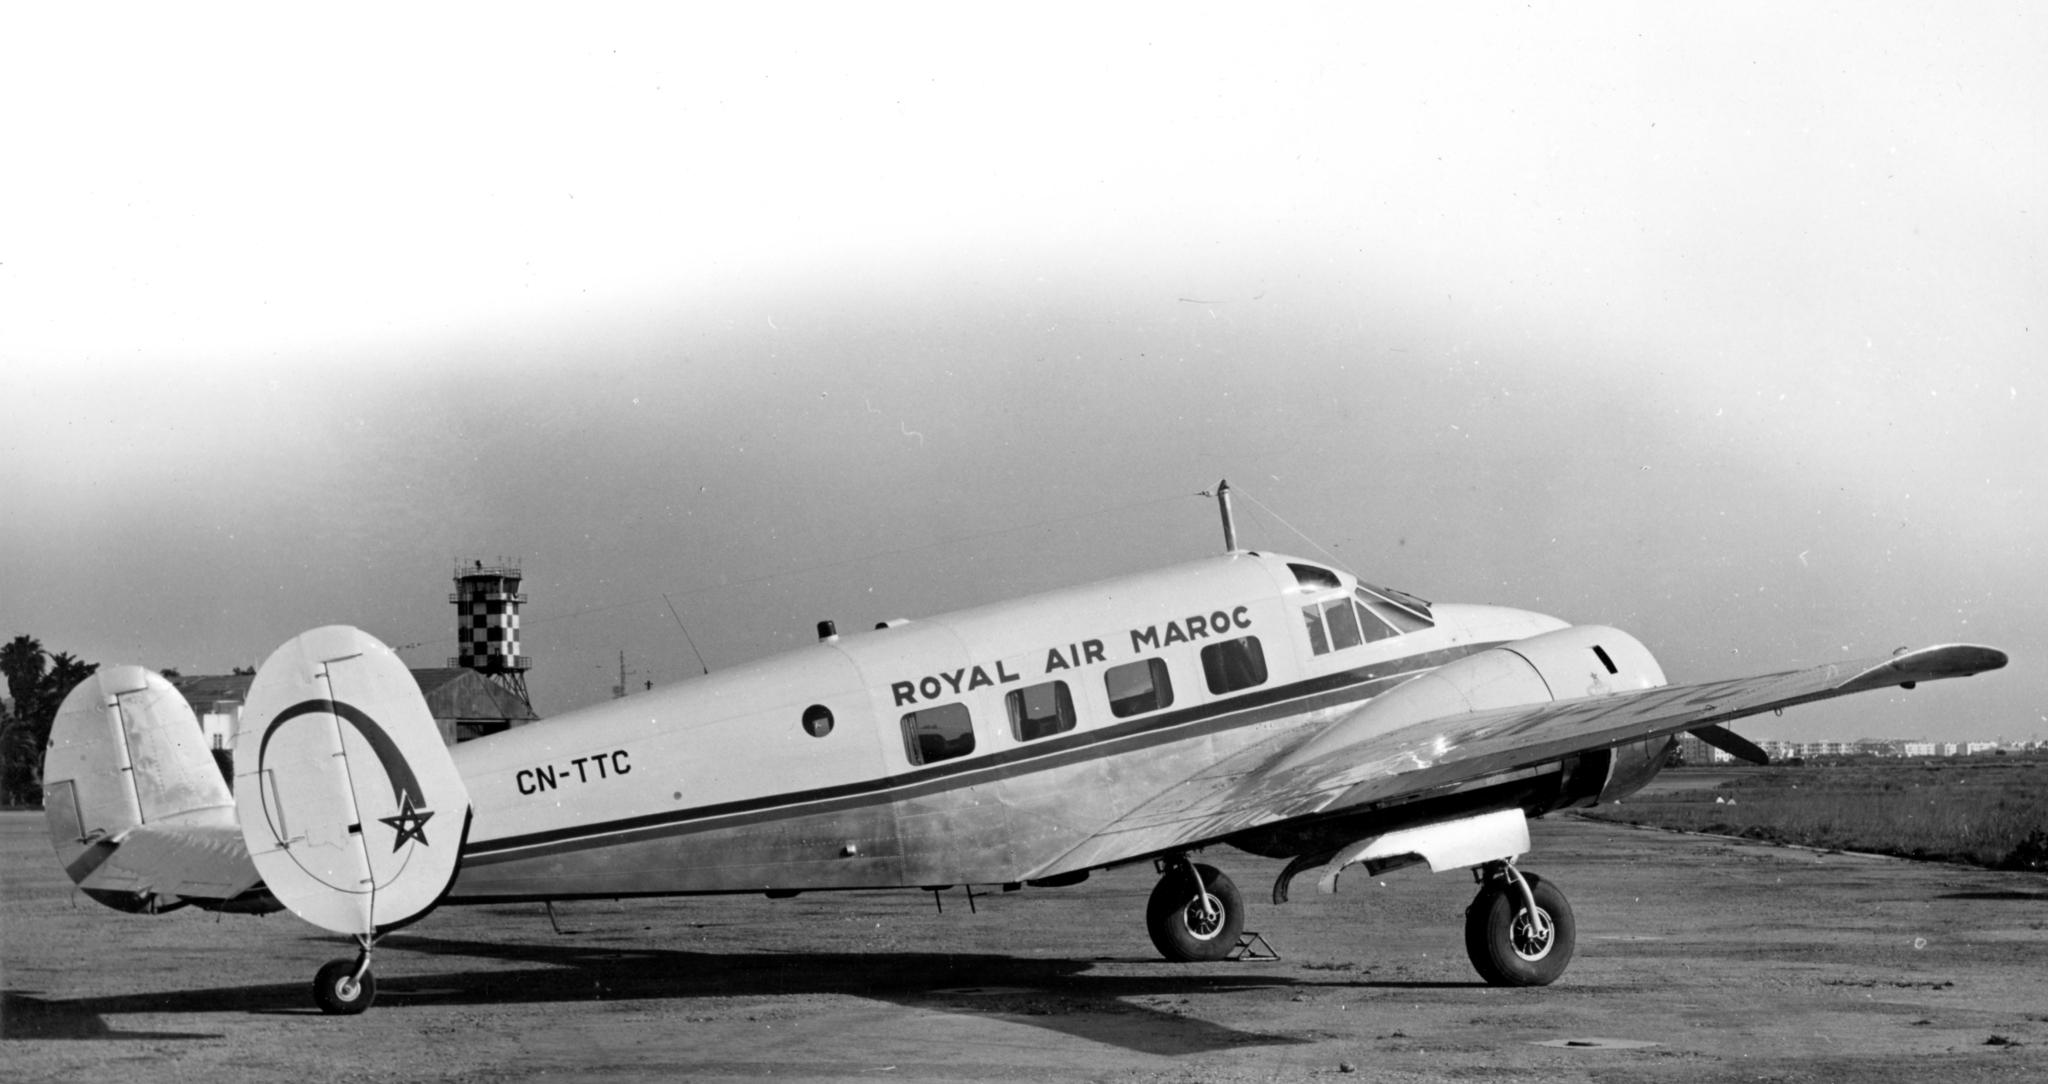 Anciens avions de la RAM - Page 4 50956237733_638baf58e7_o_d